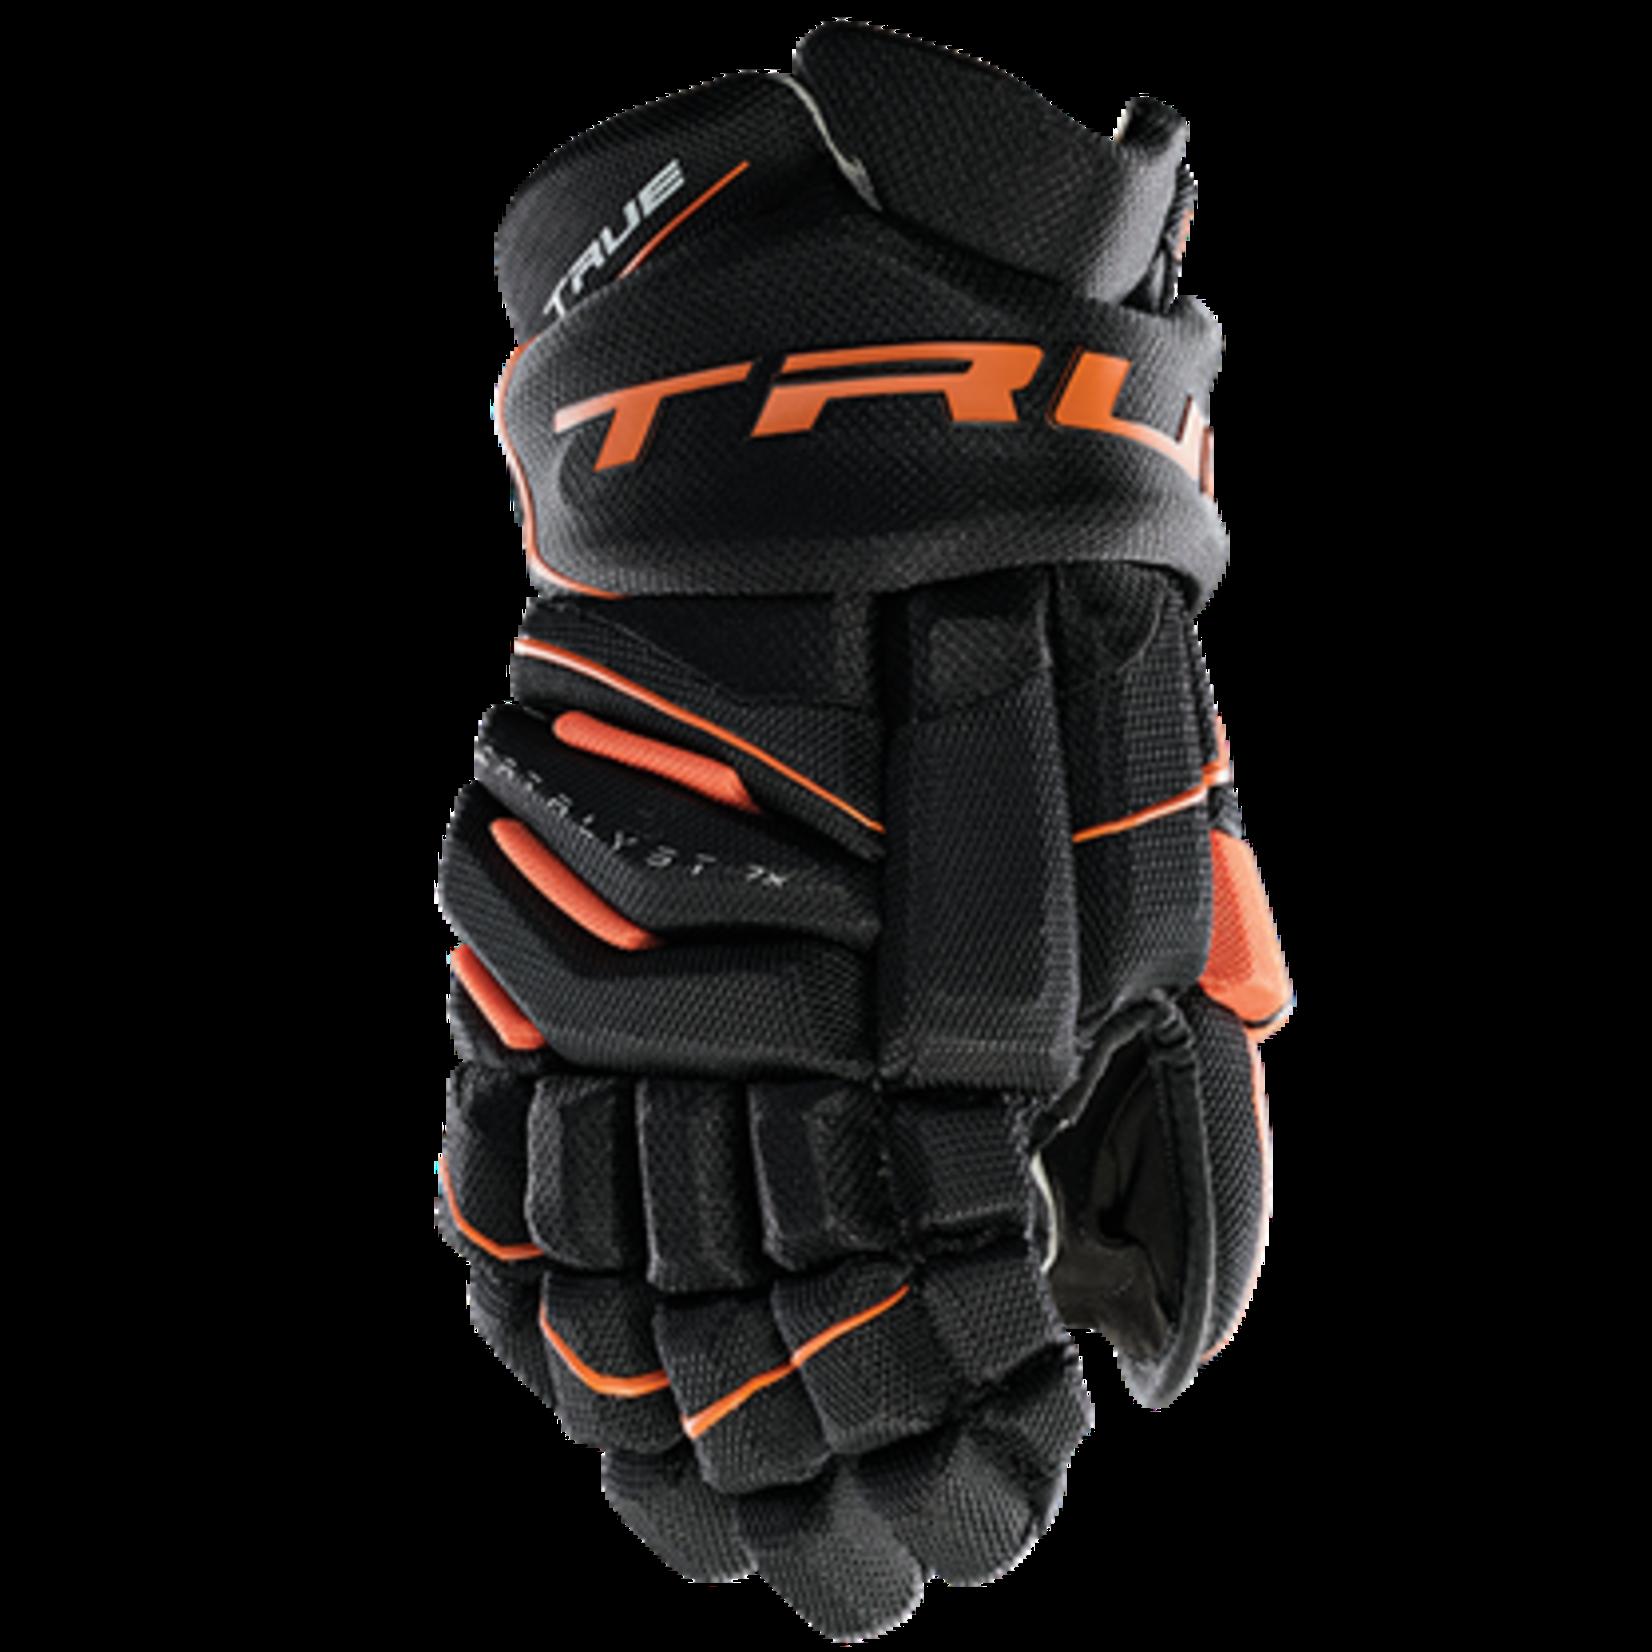 True Hockey True Hockey Gloves, Catalyst 7X, Senior